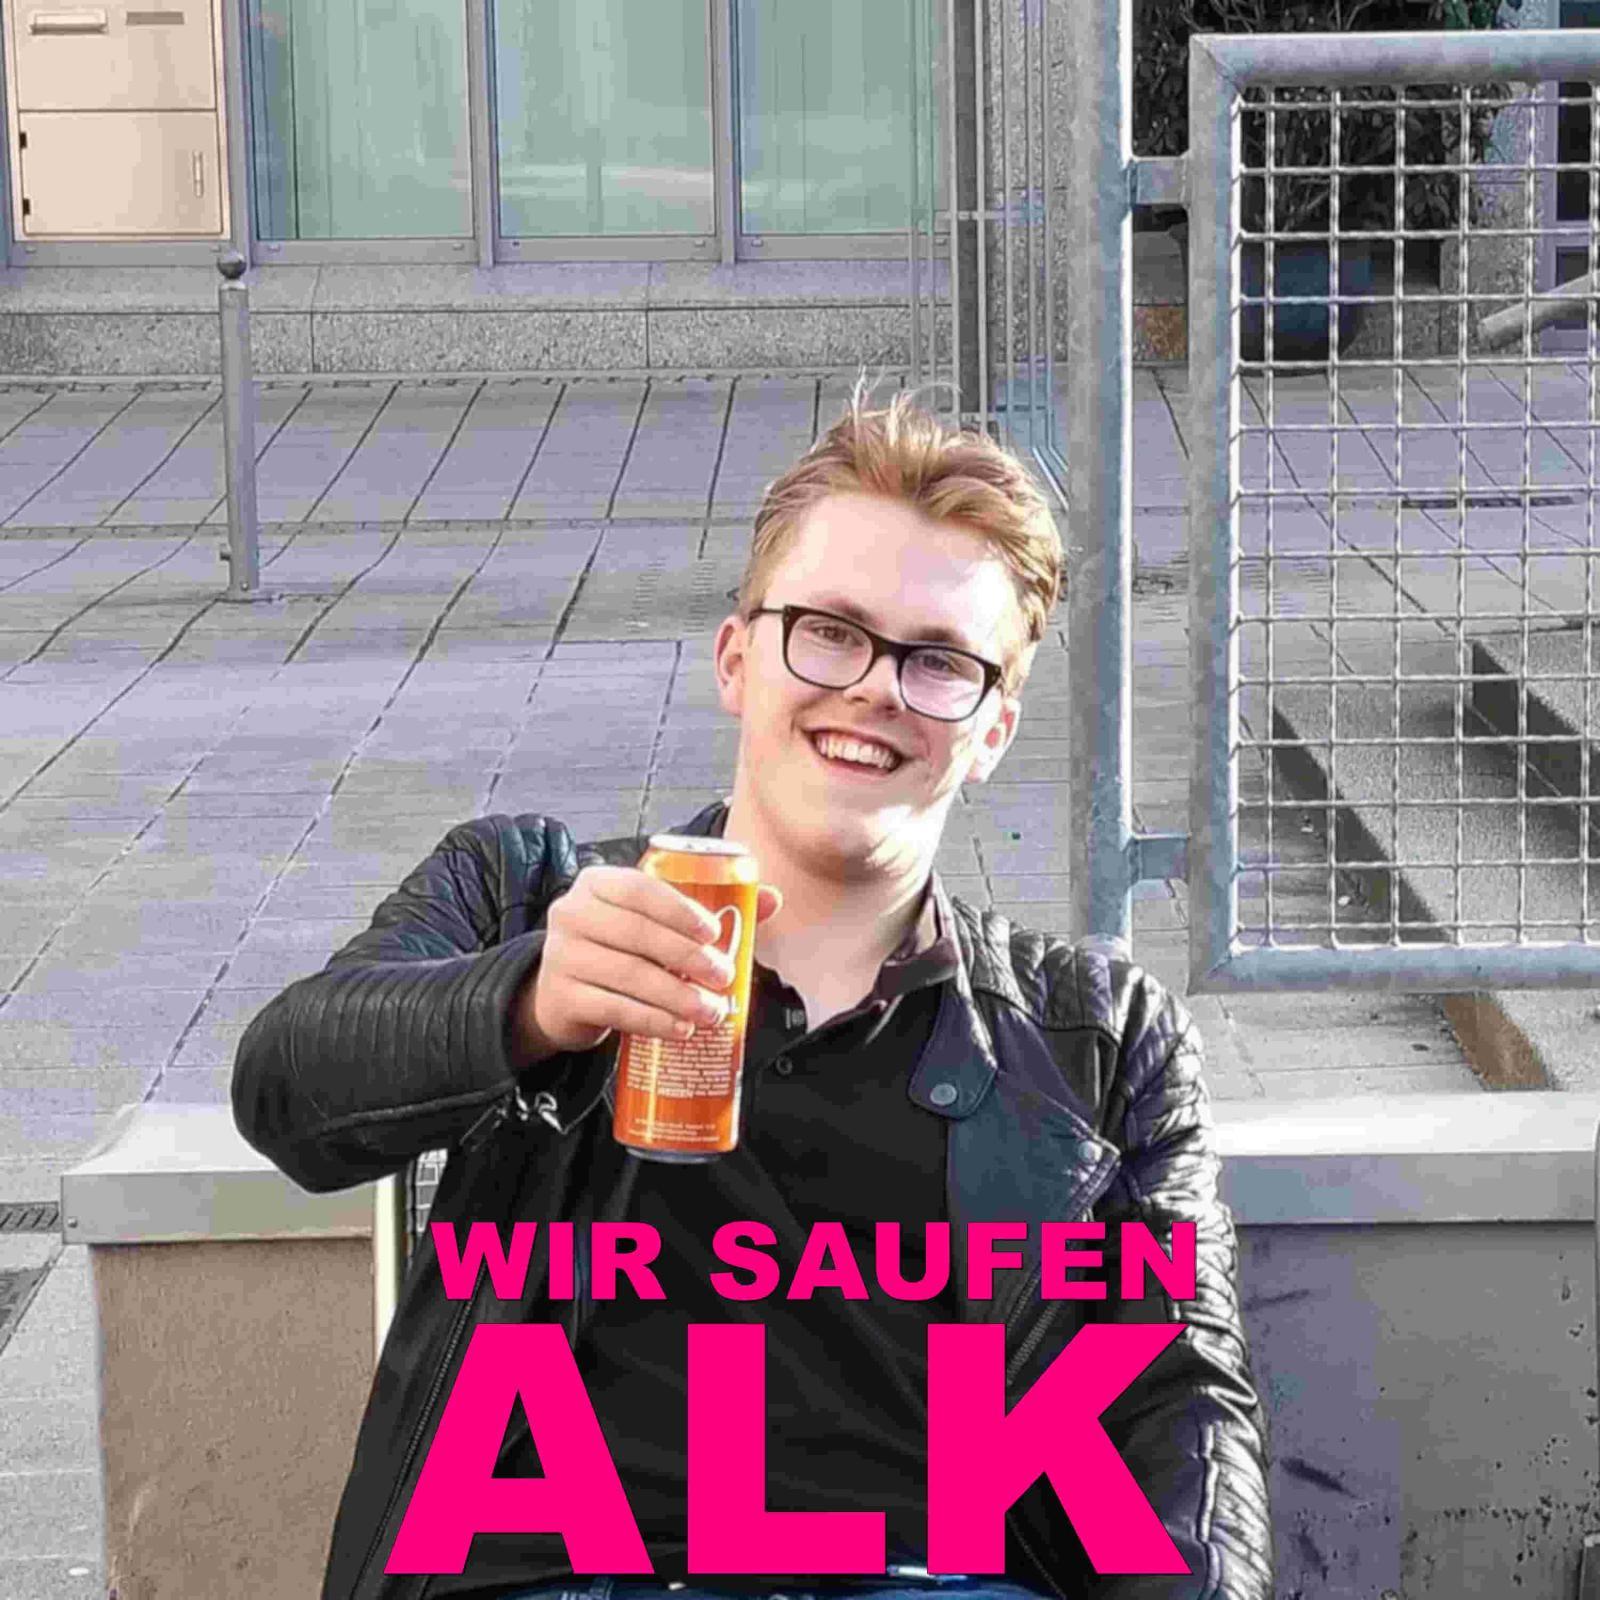 Upcoming: Lil Bunna - Wir Saufen Alk